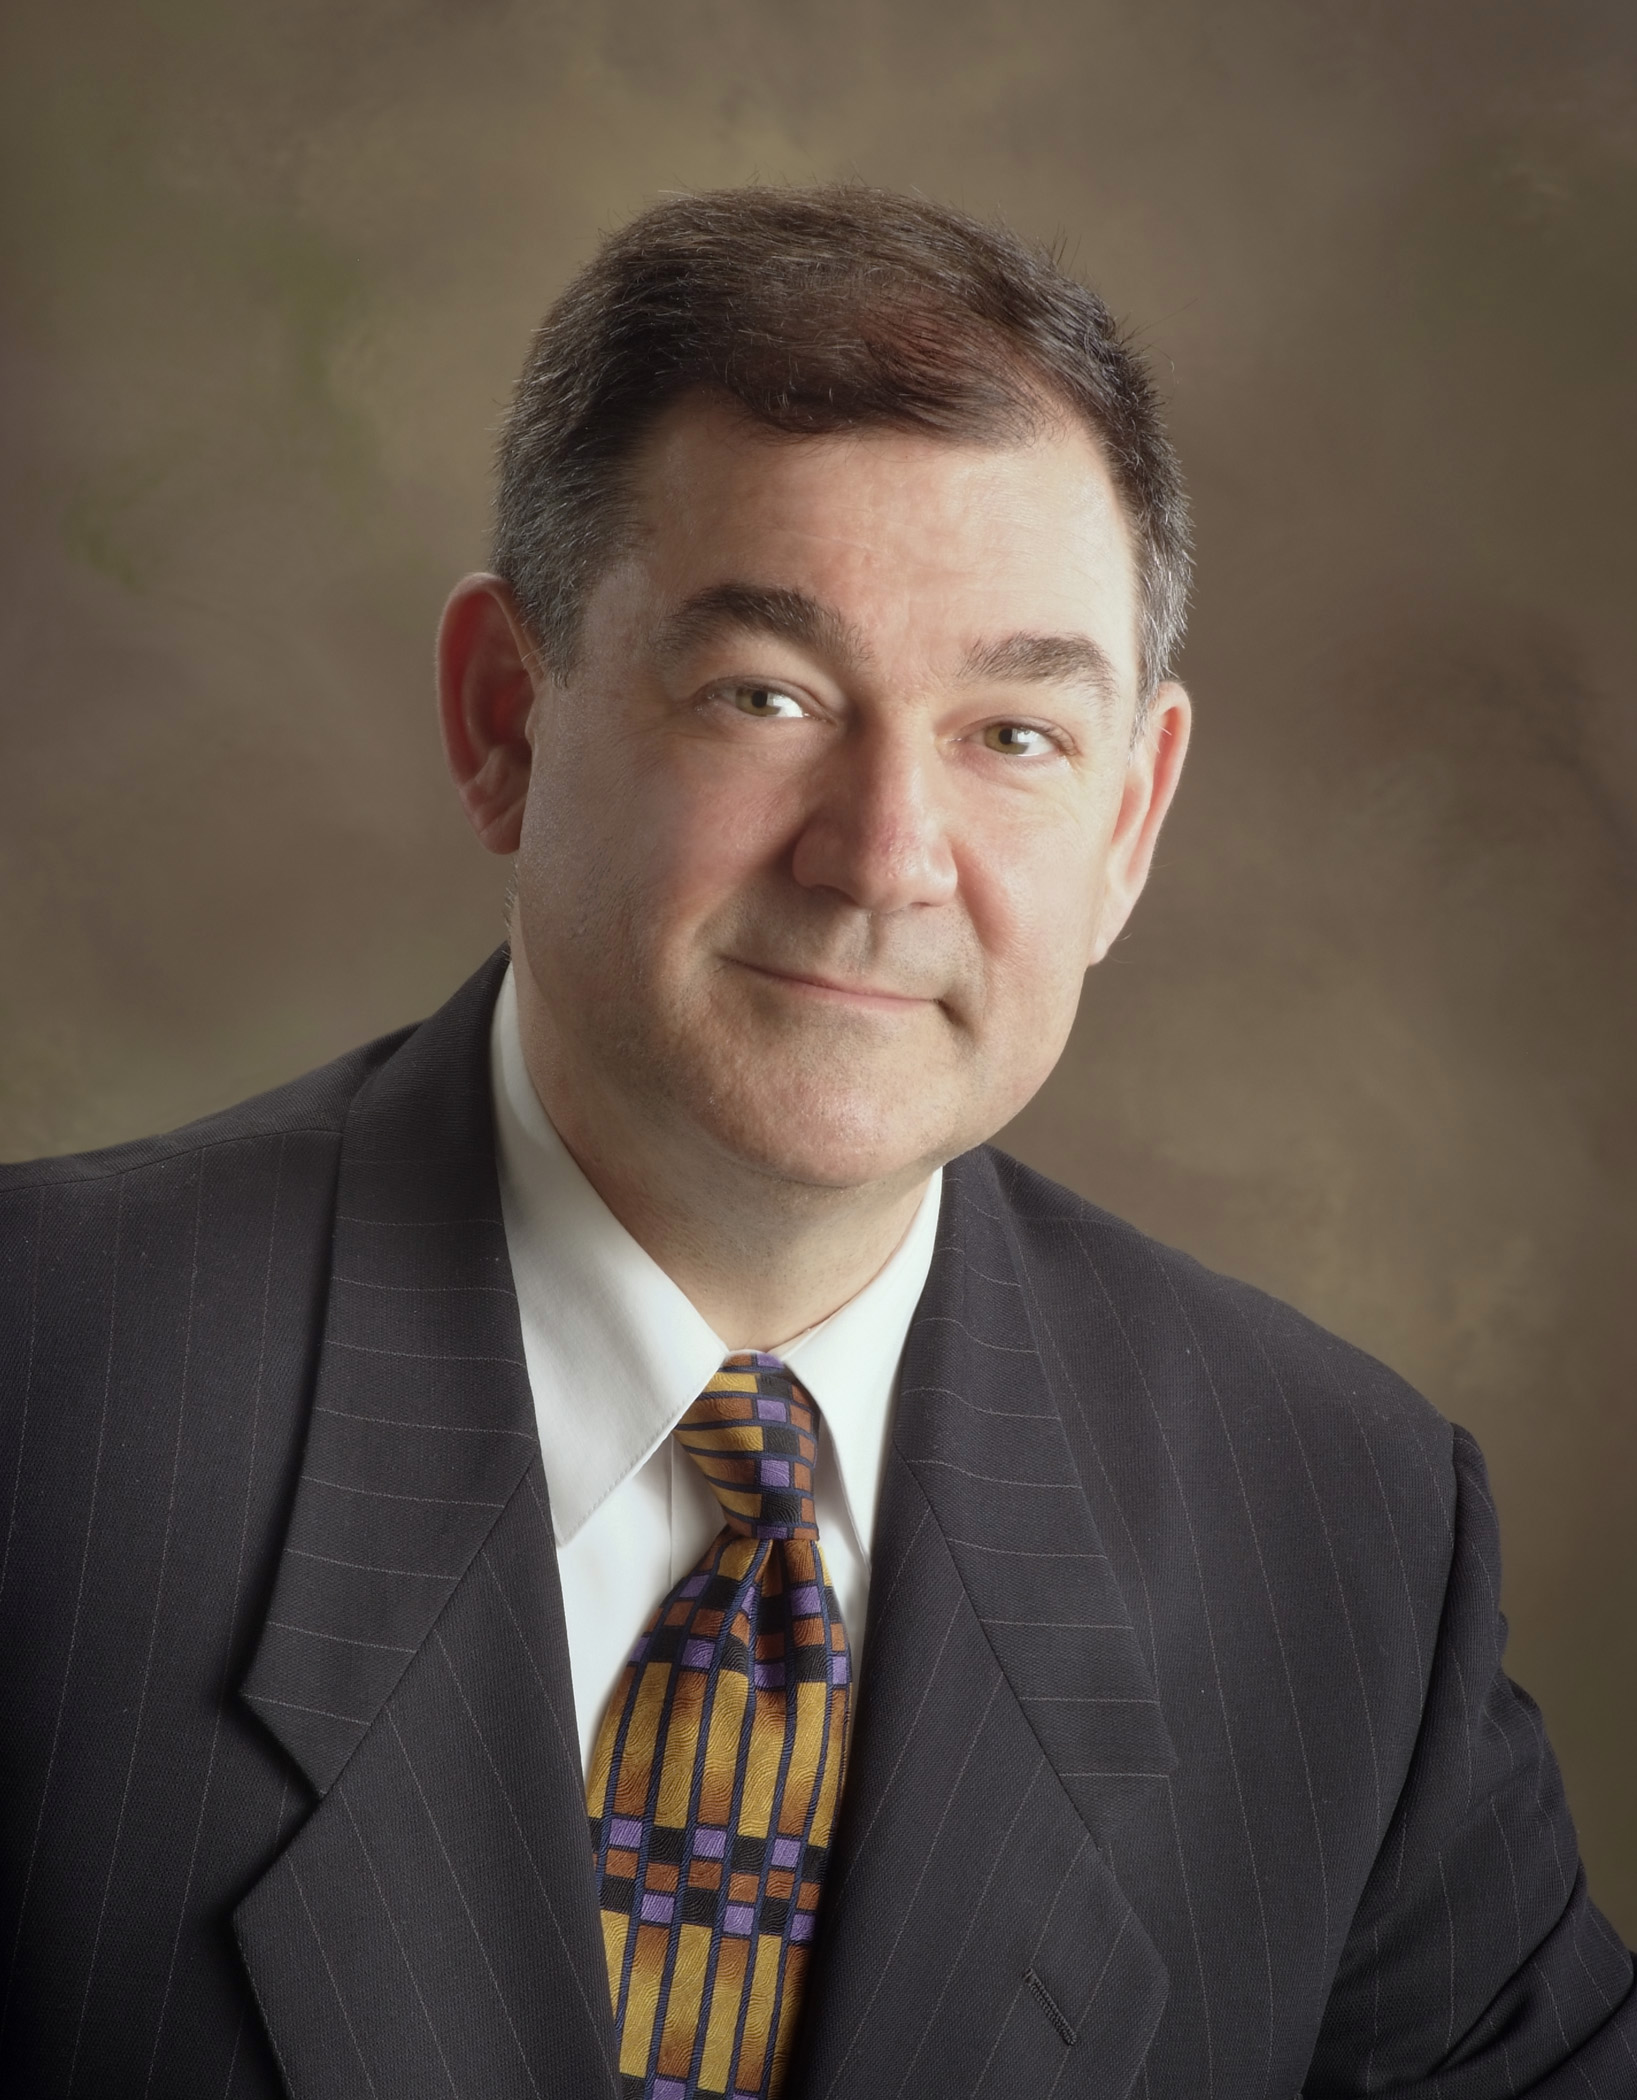 David Sollars